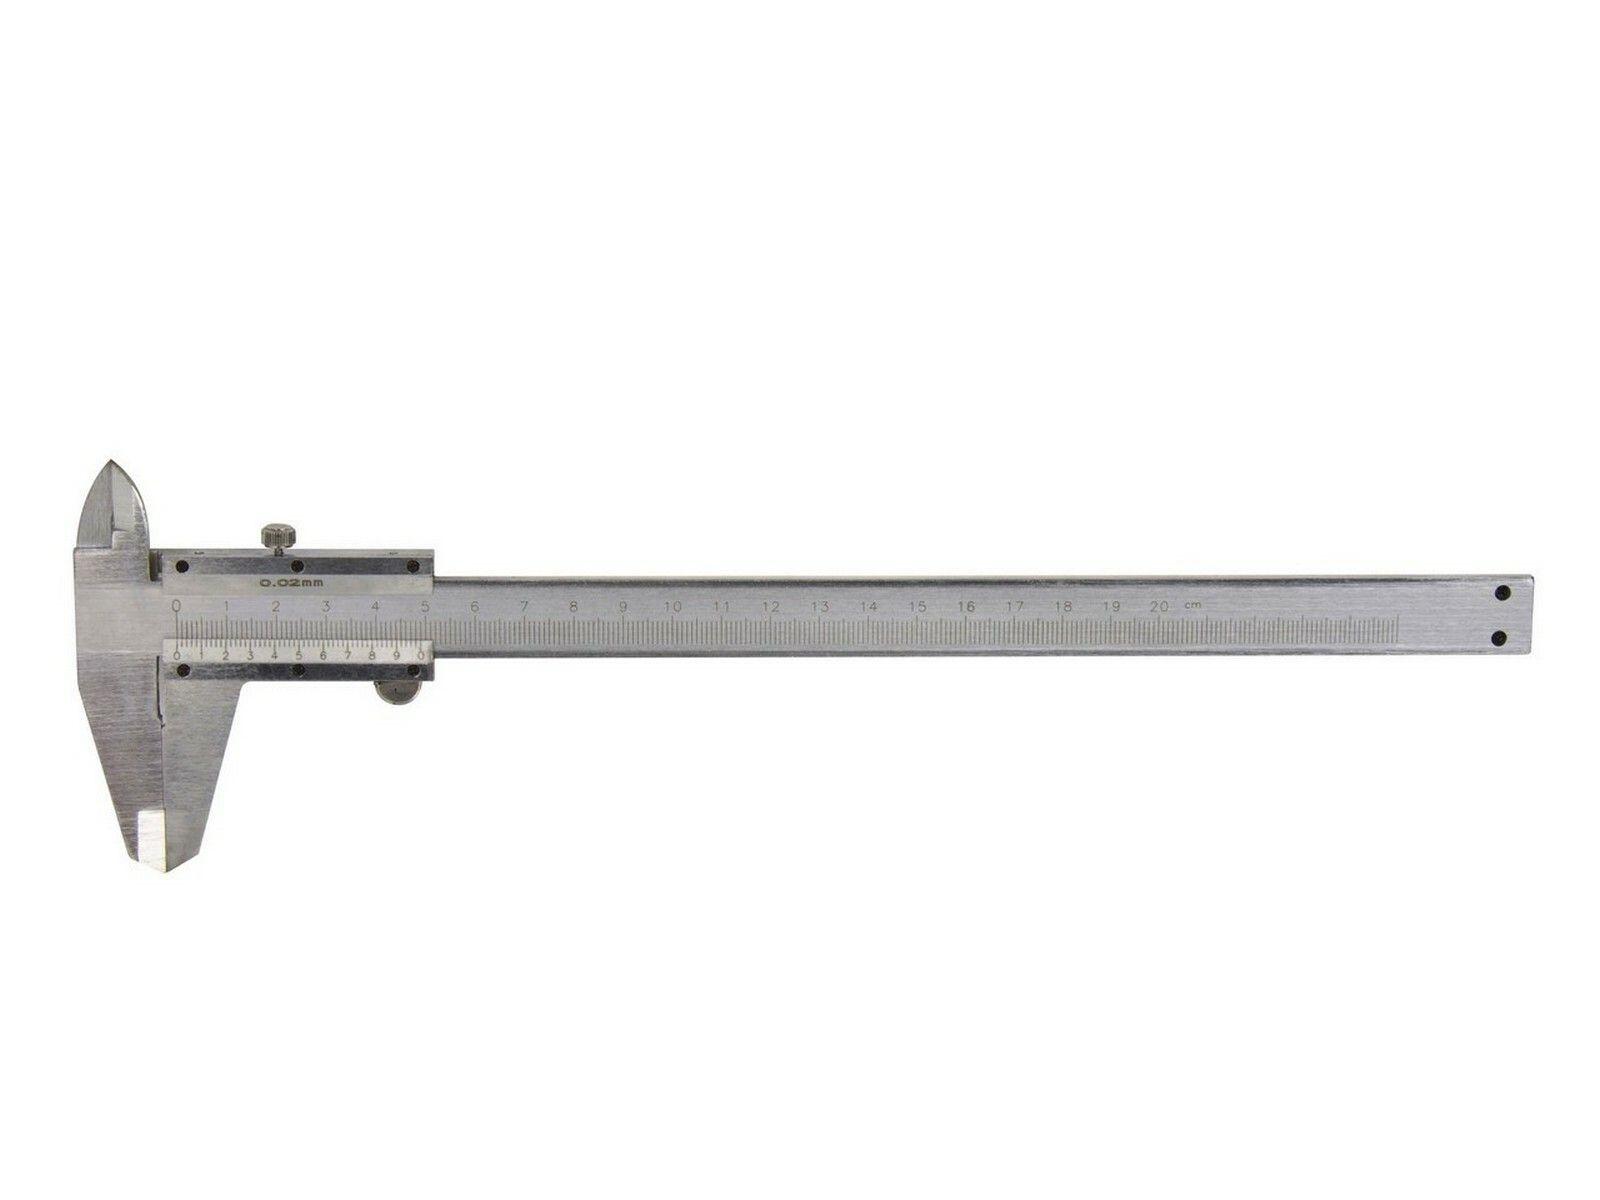 Měřítko posuvné kovové, 0-200mm x 0,02, GEKO